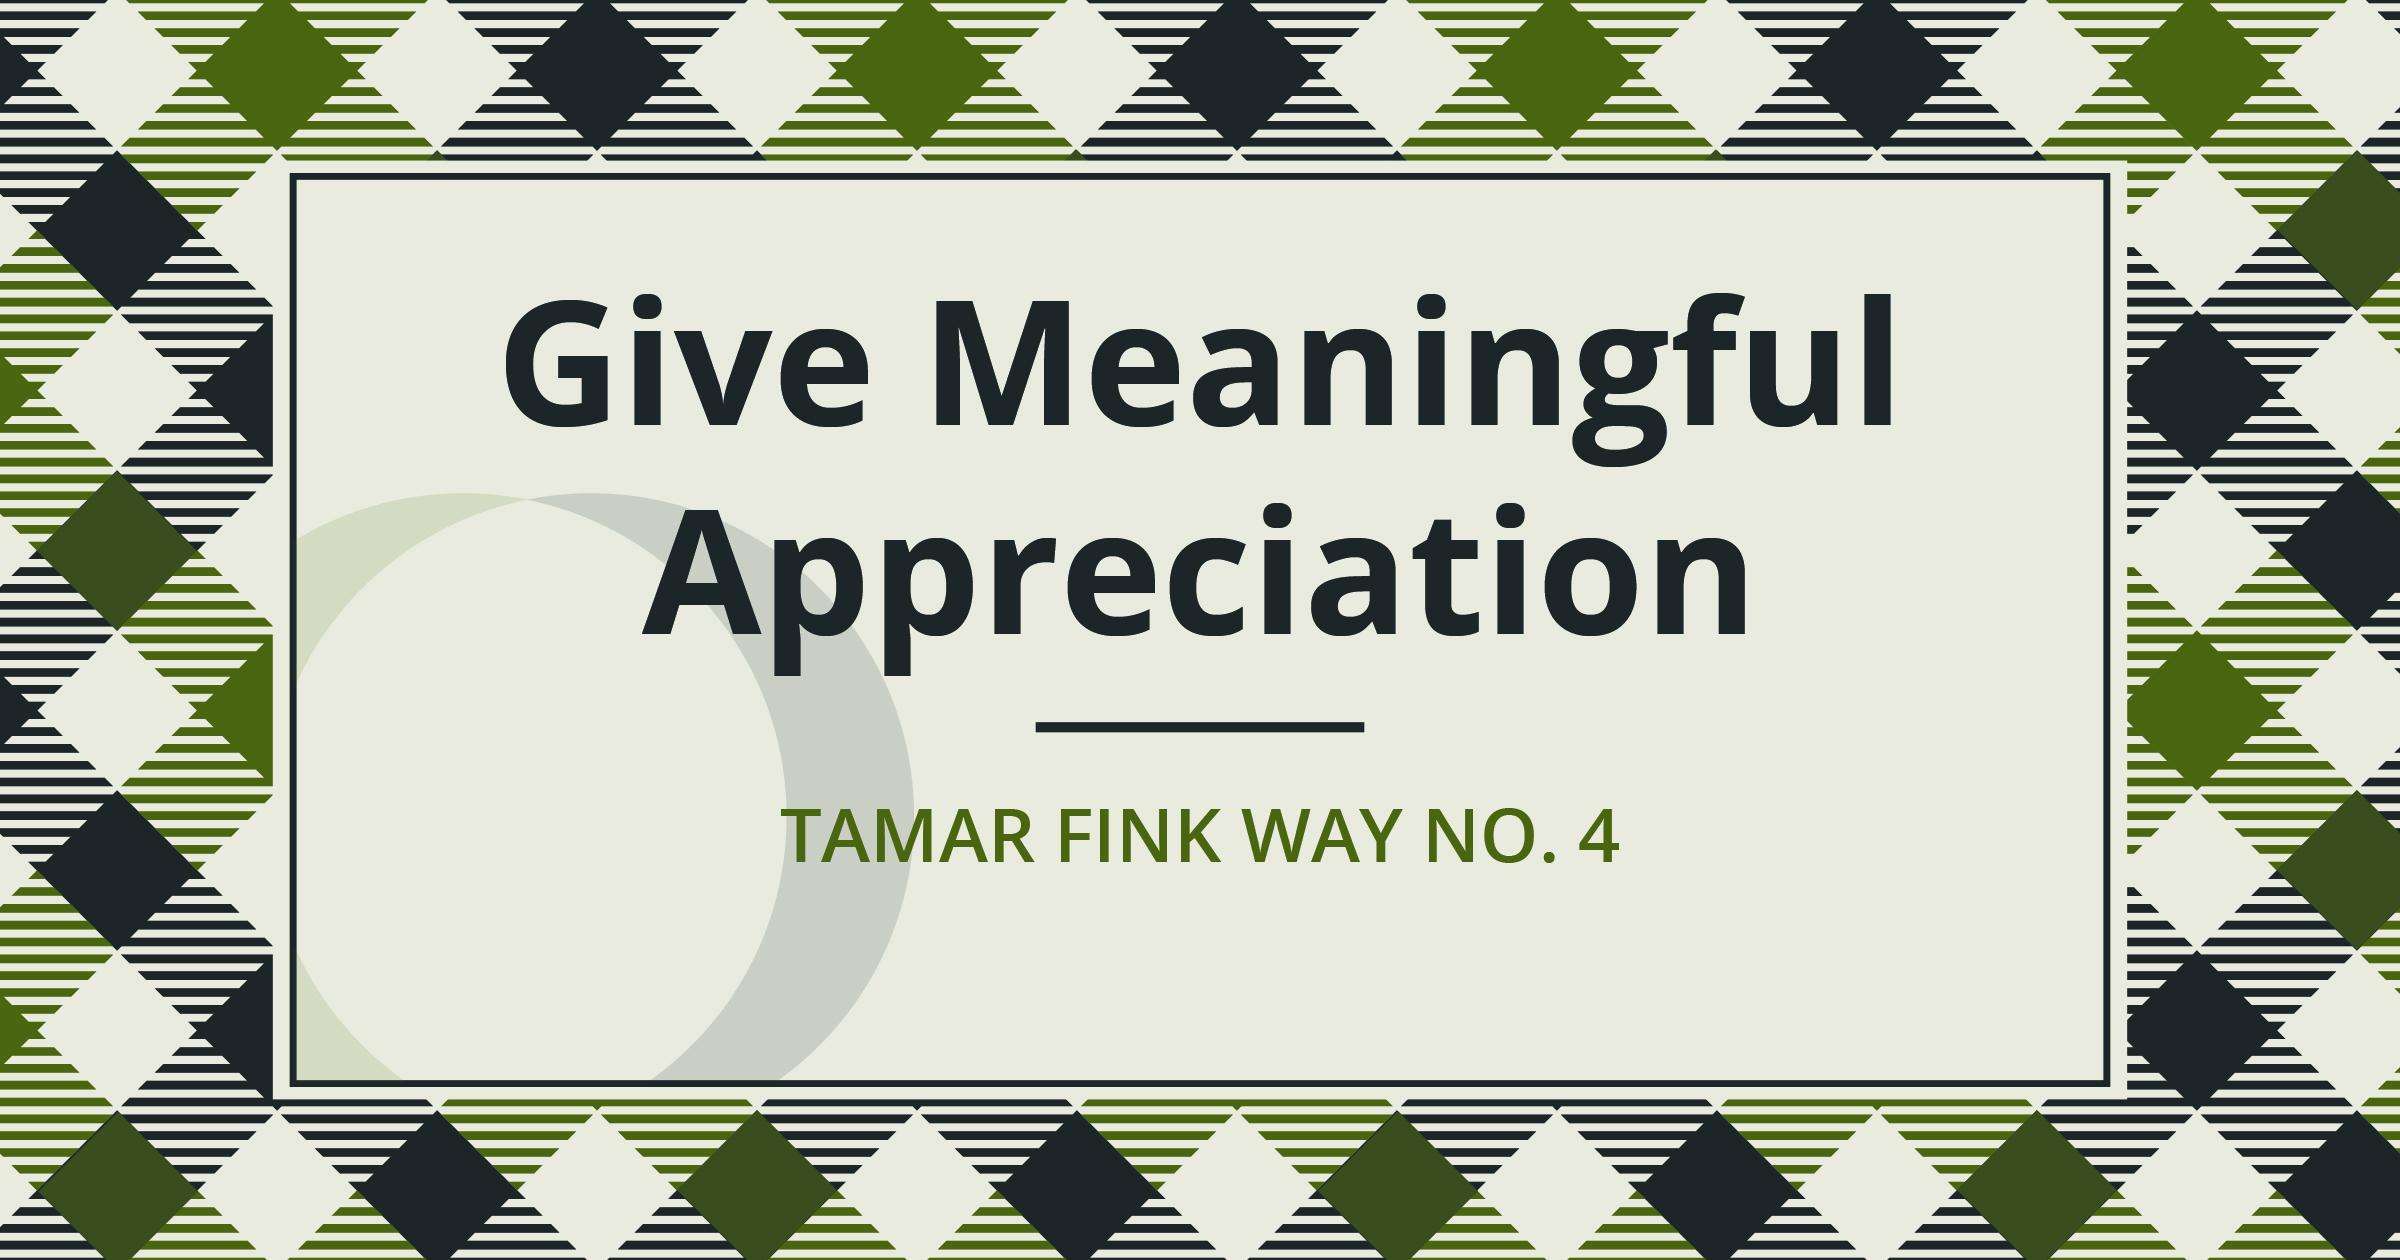 The Tamar Fink Way – #4